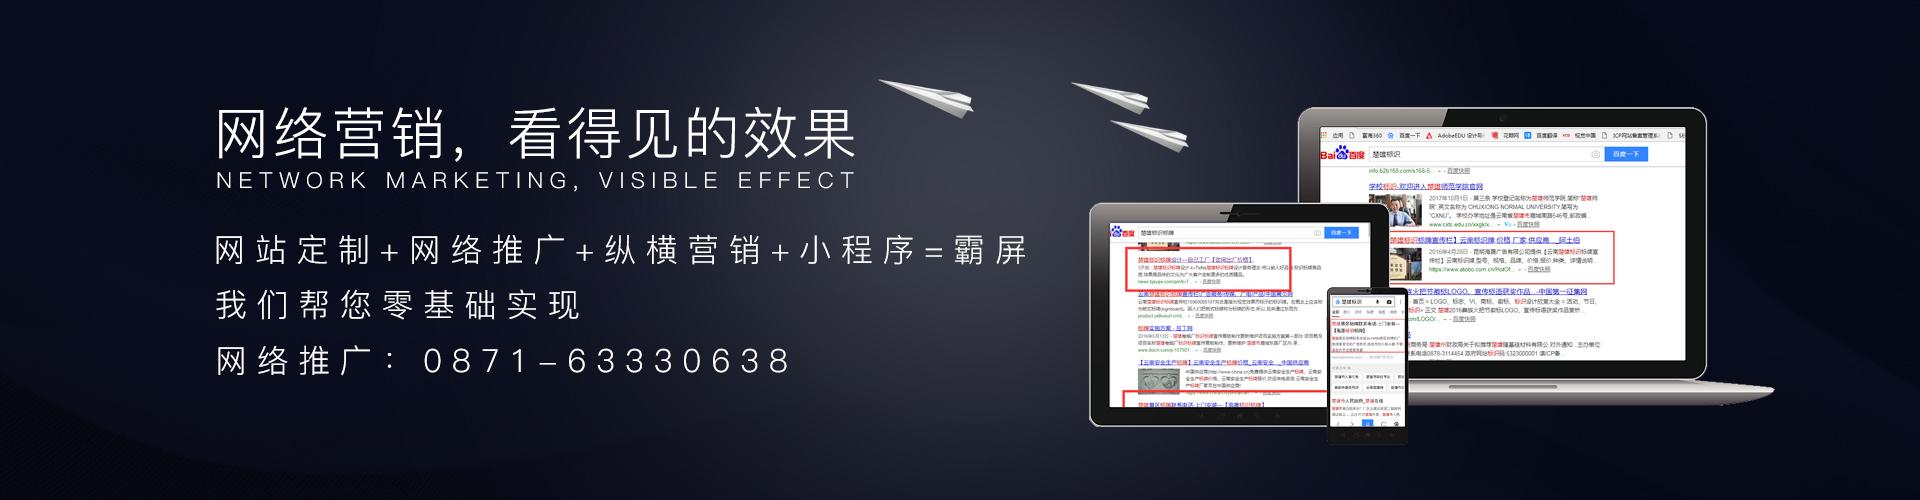 亚搏直播app下载网站优化公司